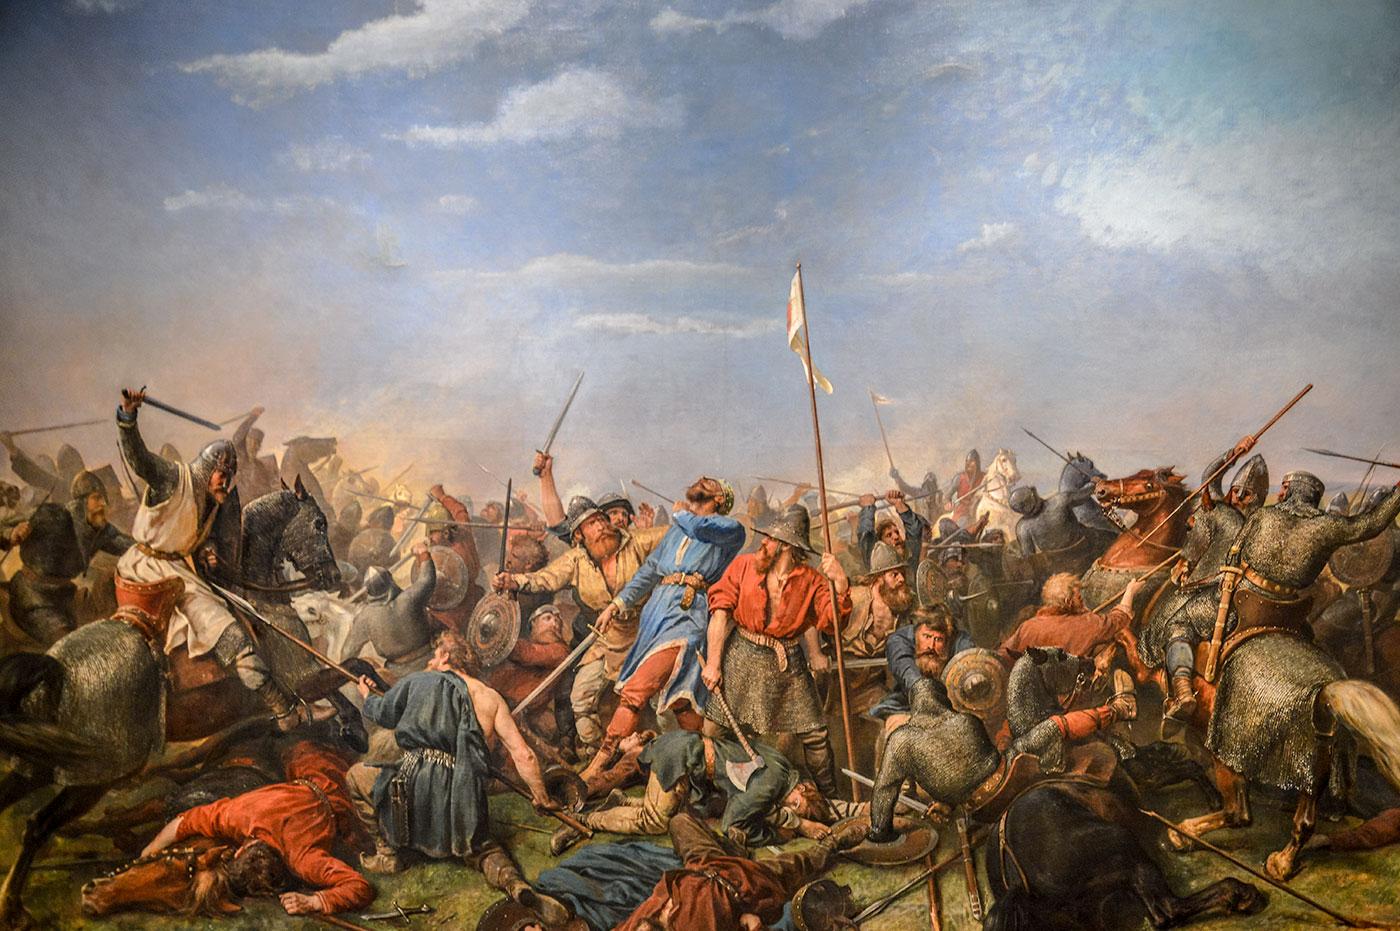 İngilizler ile Vikingler arasında geçen Stamford Köprüsü Muharebesi / 25 Eylül 1066